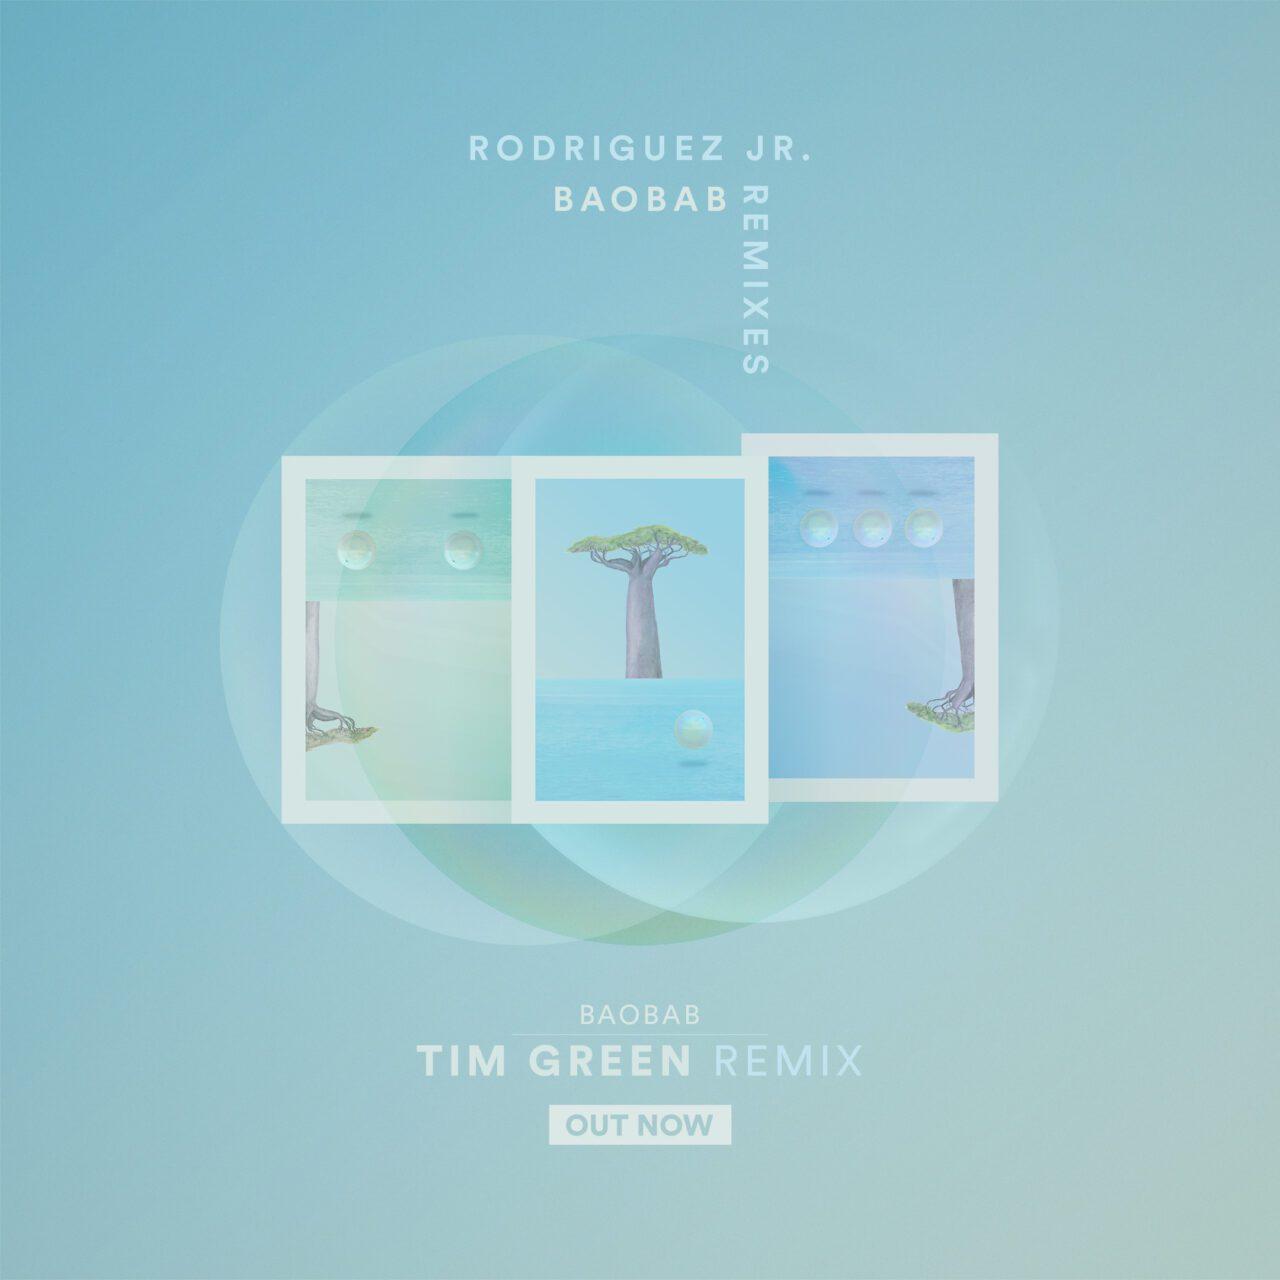 RodriguezJr_Baobab_Remixes_03-TimGreen_instagram